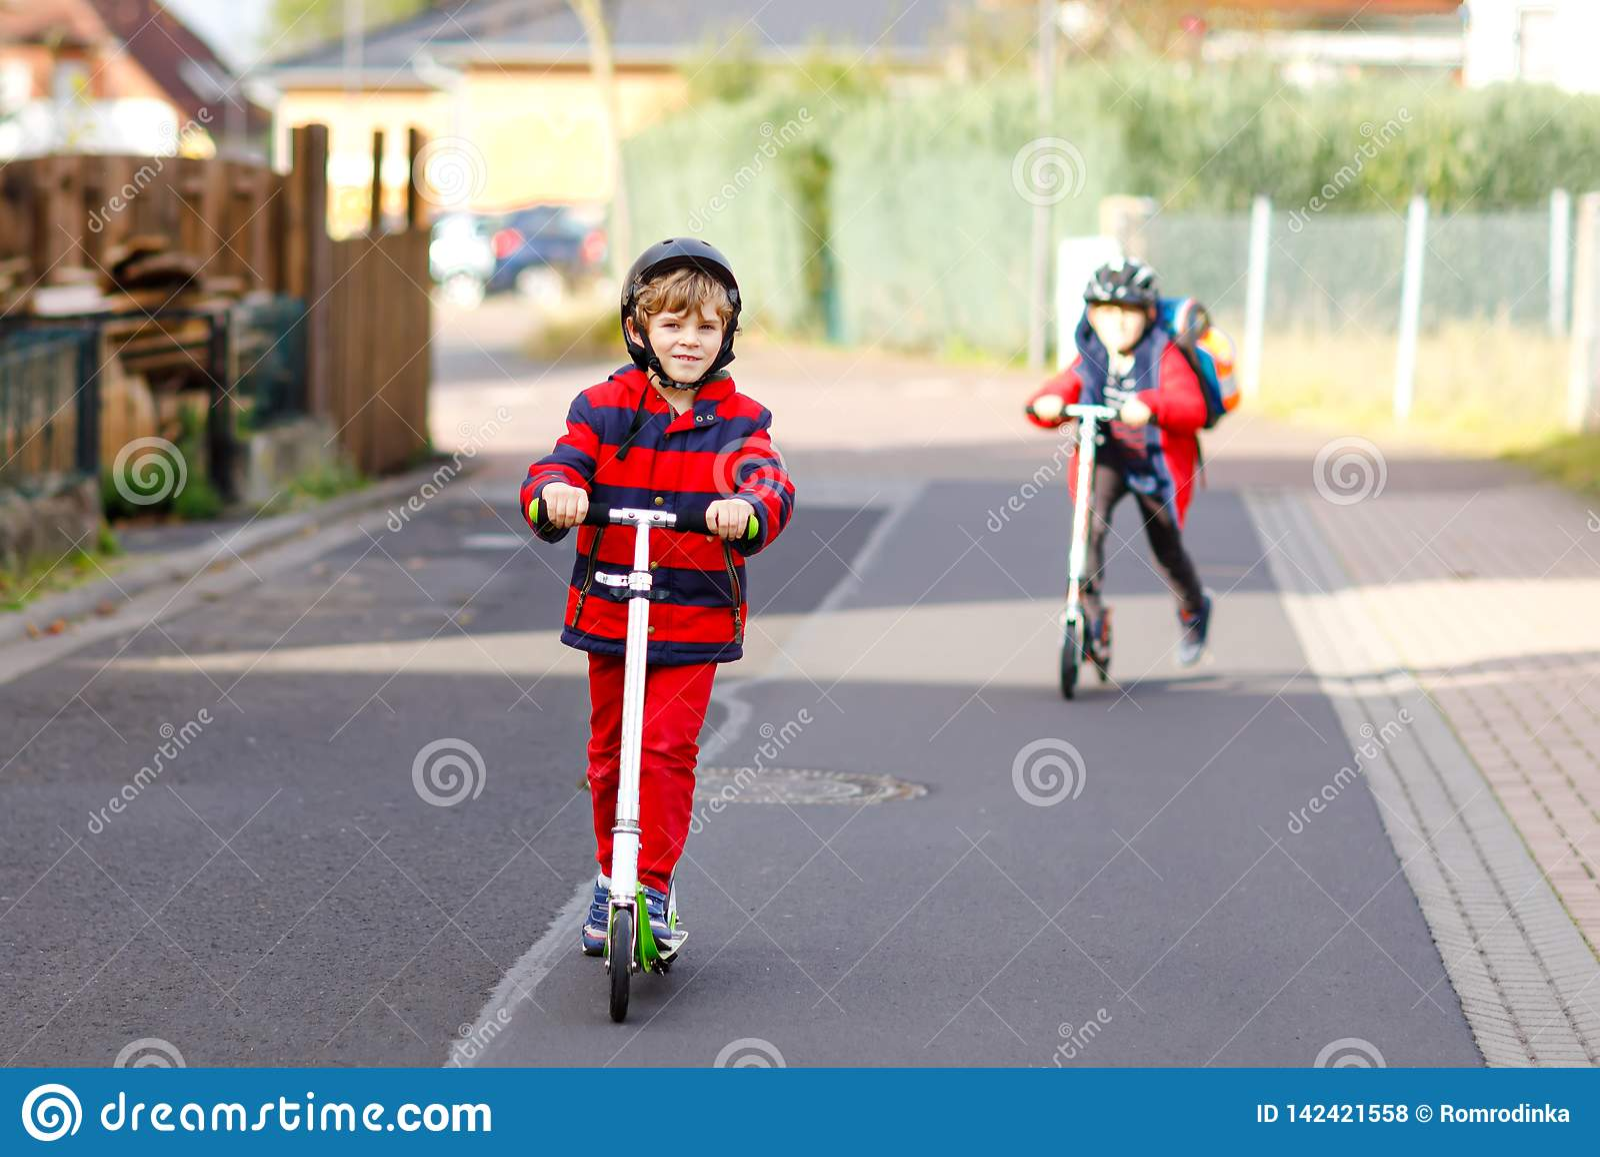 Dwa małe dziecko chłopiec jedzie na pchnięcie hulajnoga na sposobie do lub z szkoły Ucznie jedzie przez deszczu 7 rok